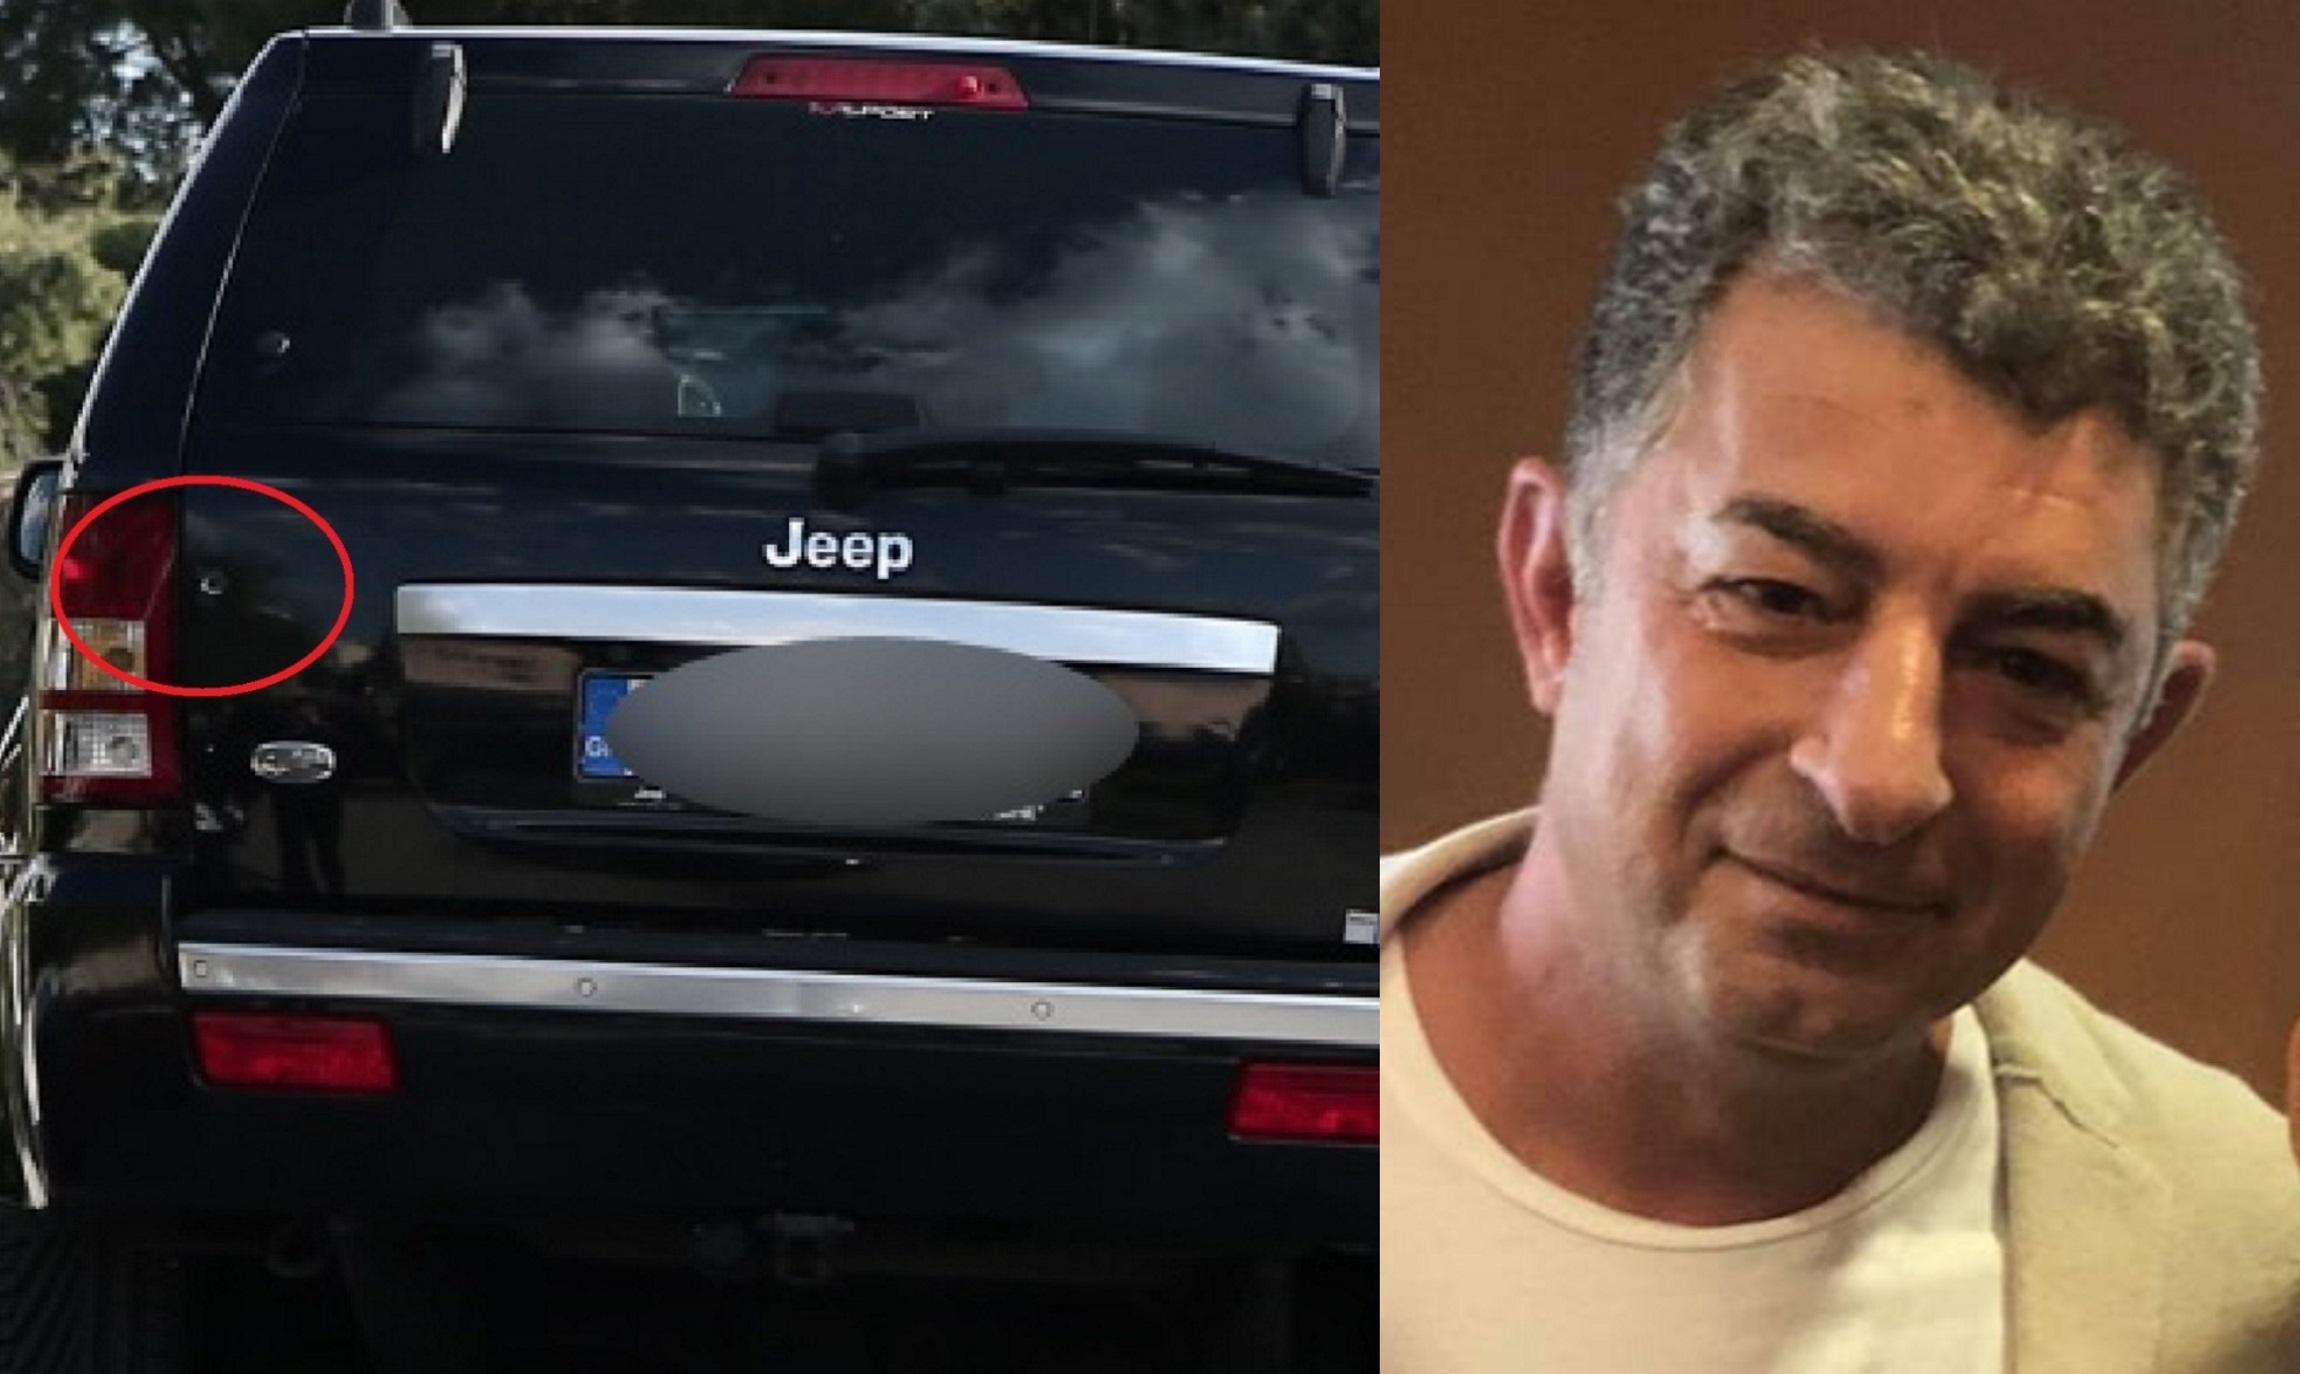 Γιώργος Καραϊβάζ: Τον πλησίασε με ψυχραιμία και του «άδειασε» το όπλο